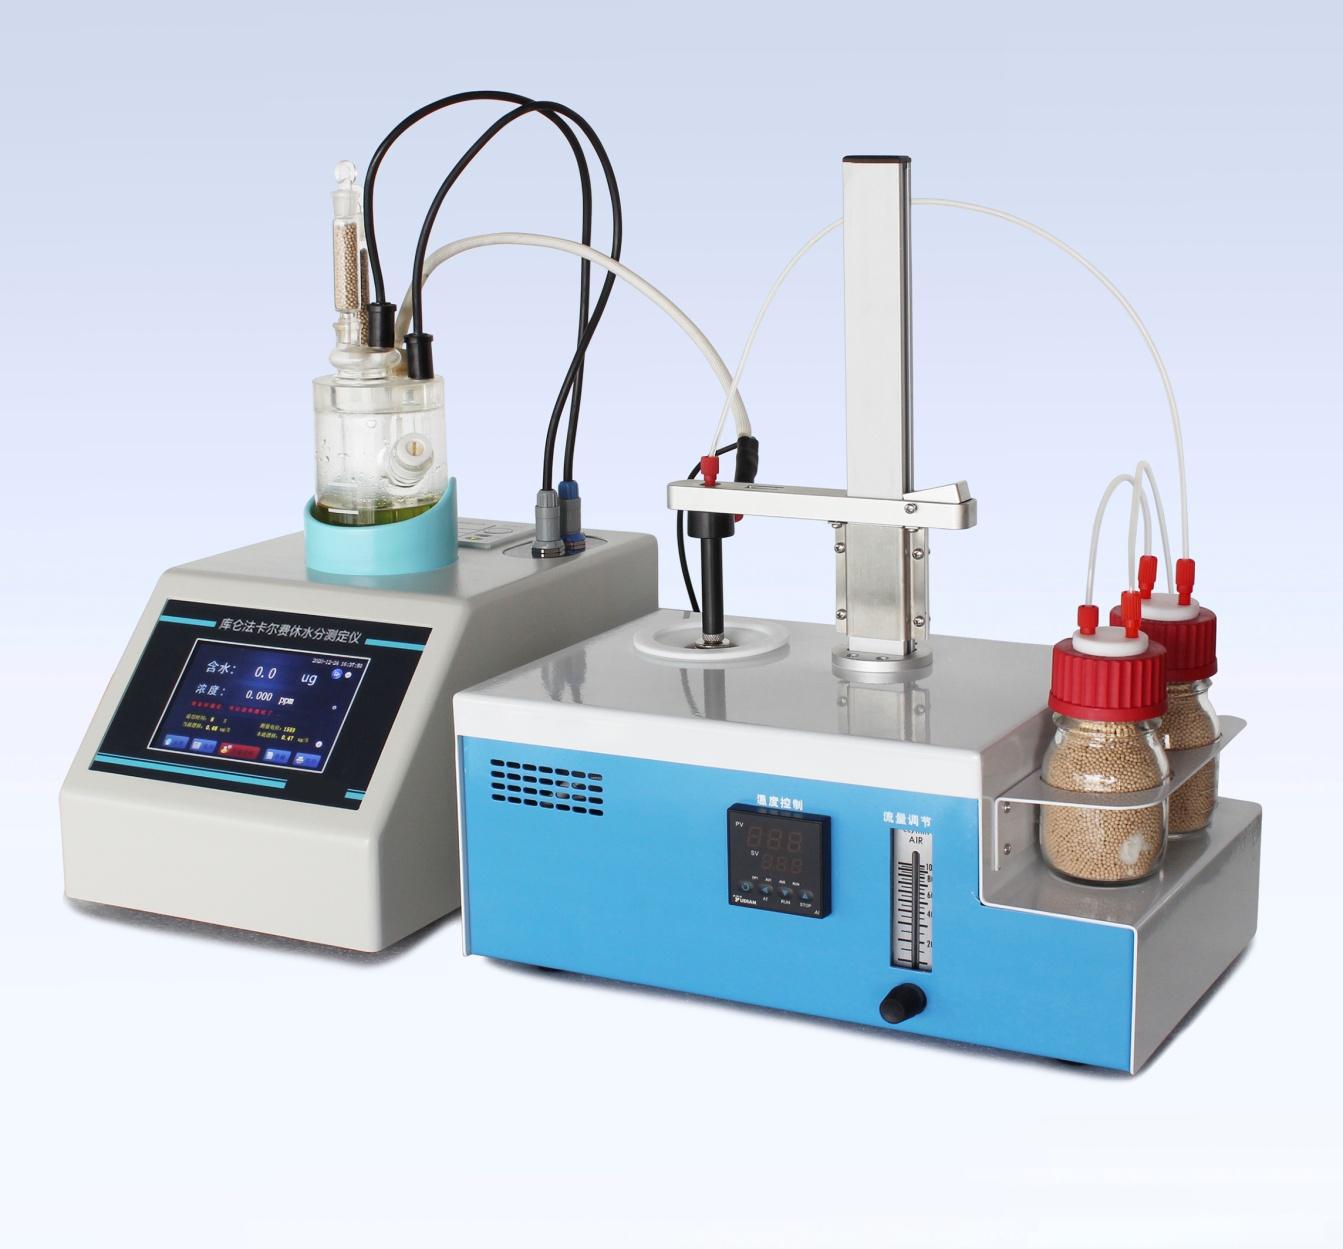 卡氏炉电池极片水分仪测试仪